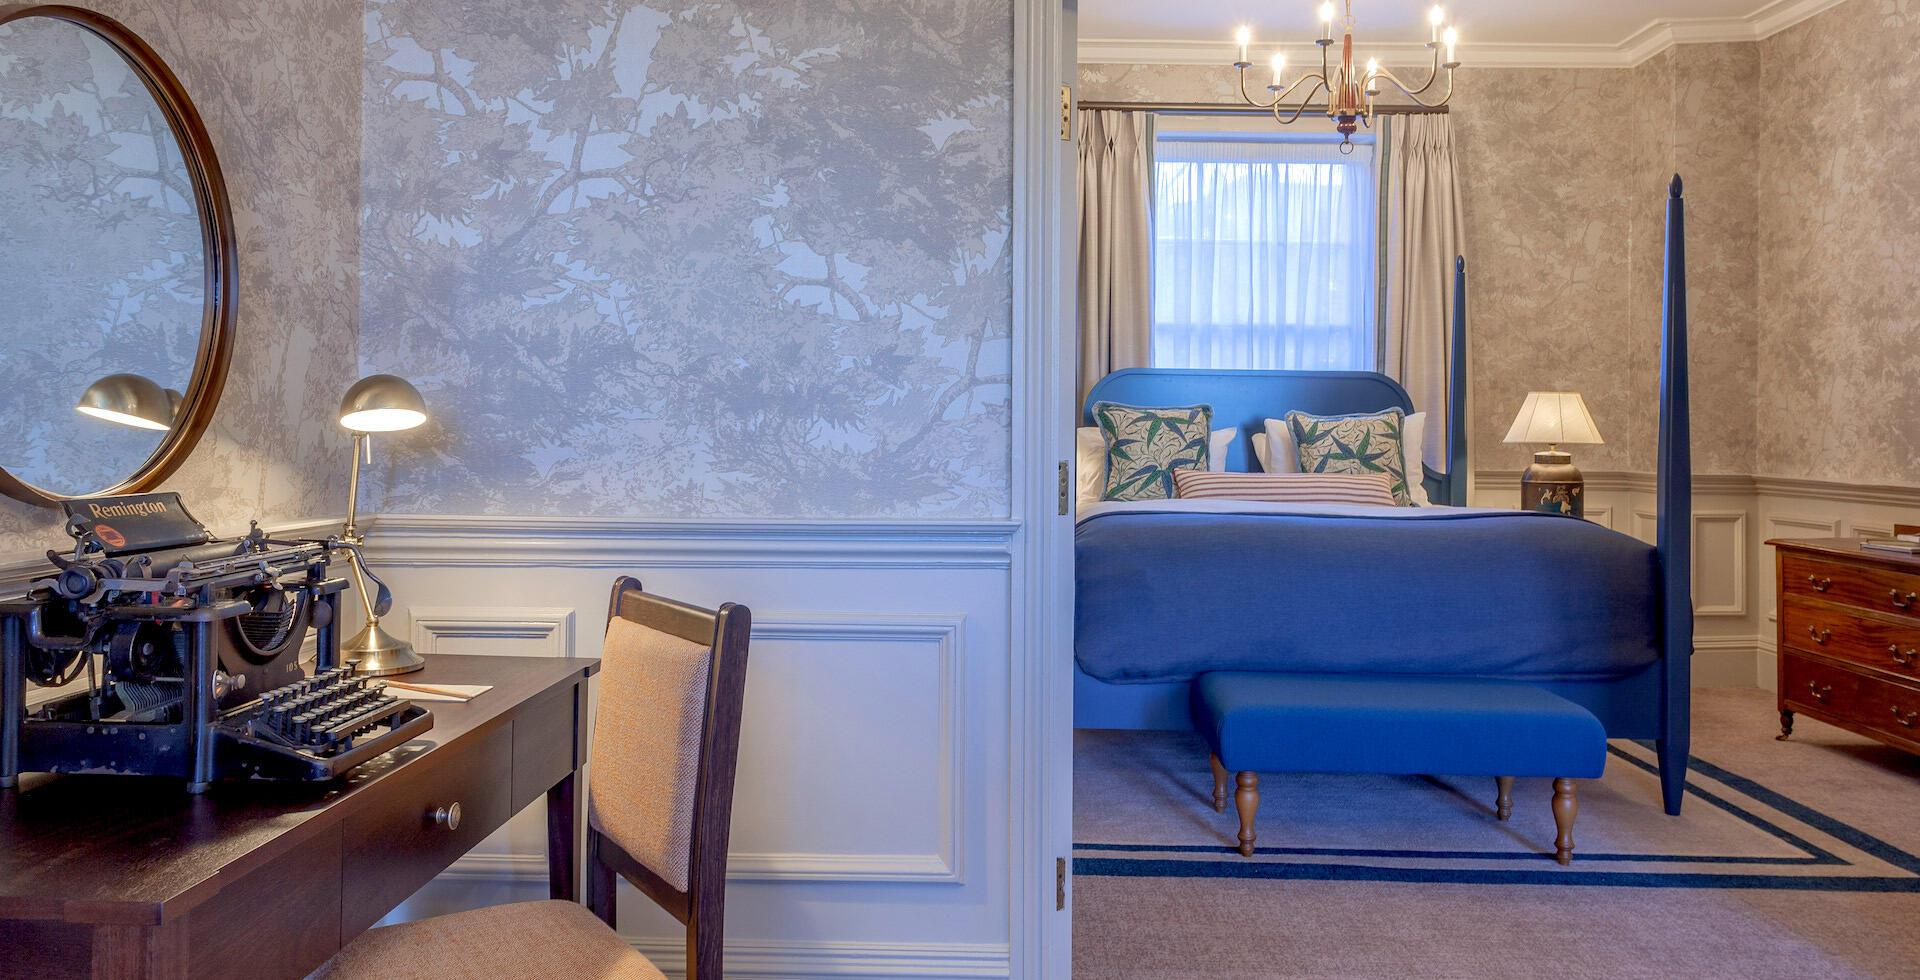 Accommodation at Richmond Hill Hotel